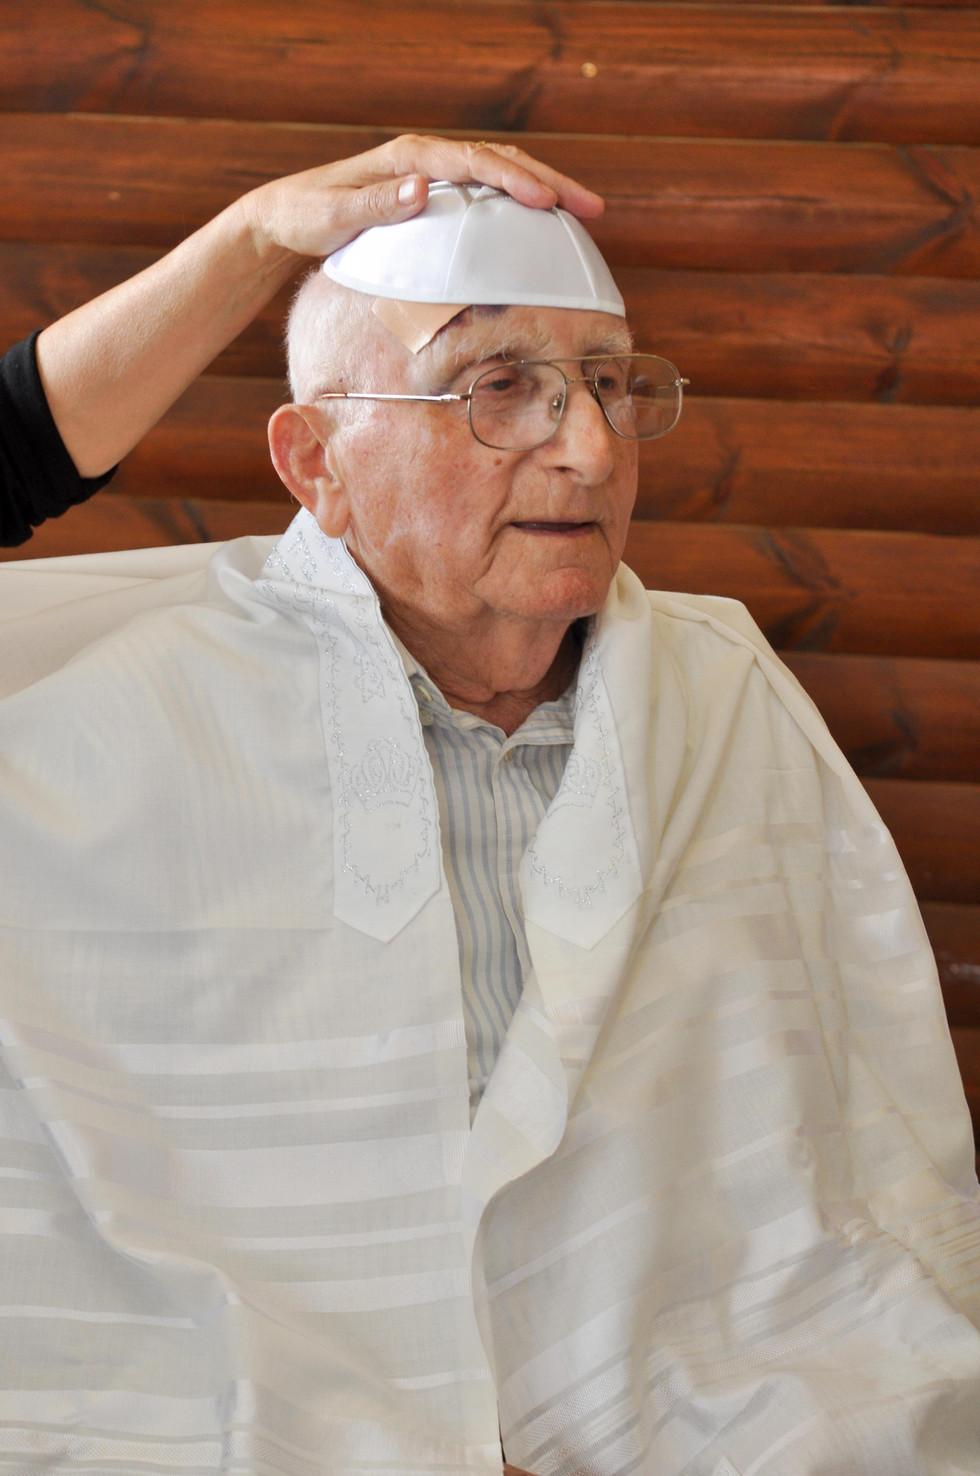 07 סבא סנדק עם כיפה.jpg